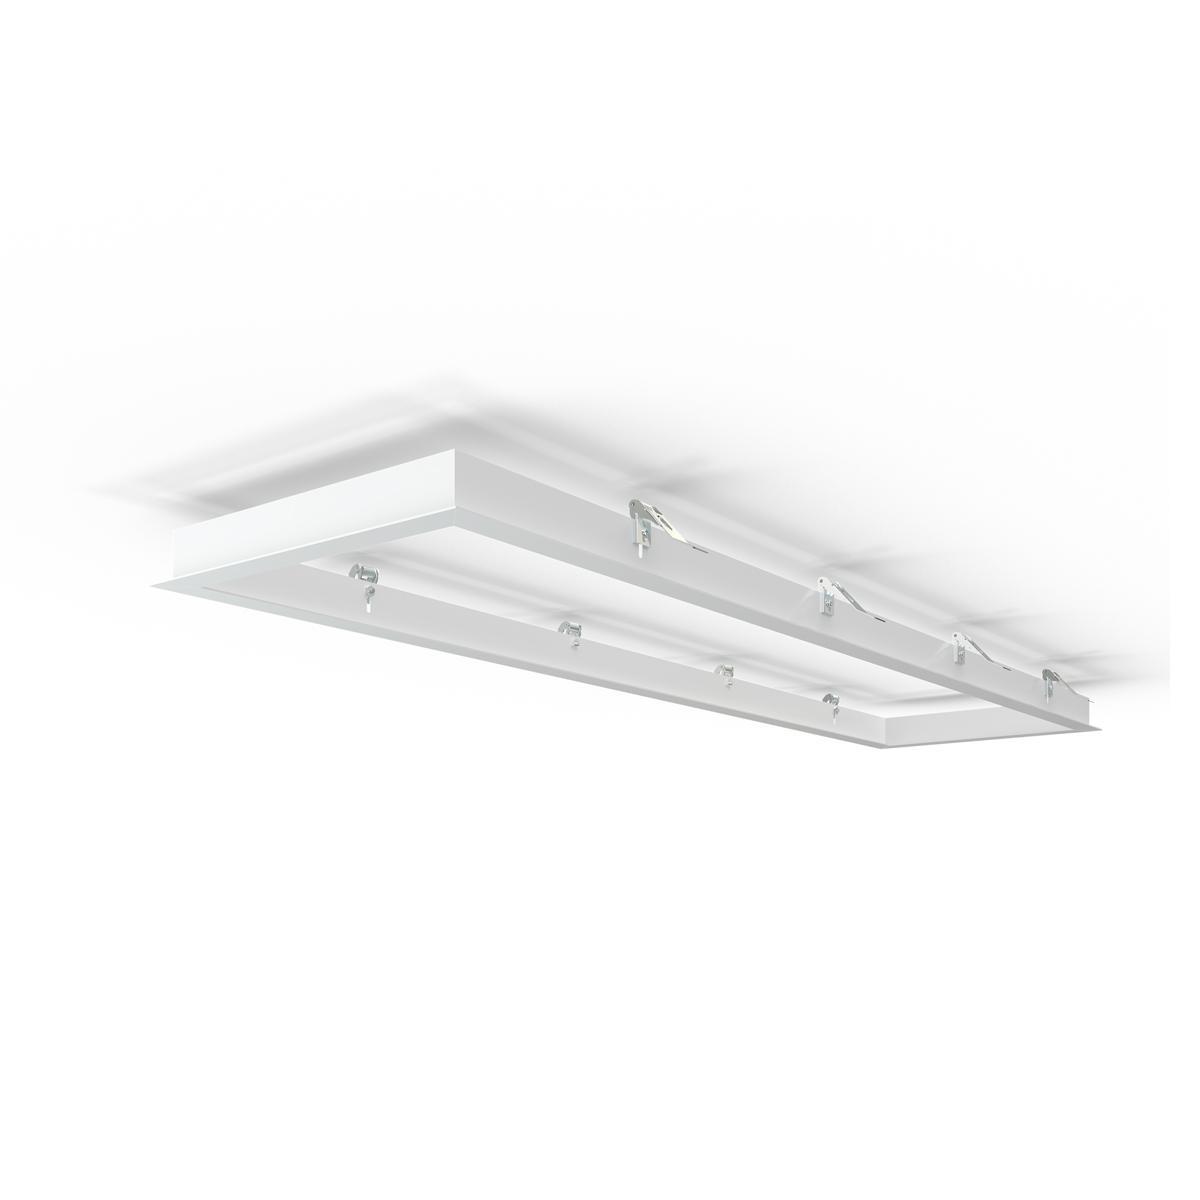 LED Panel Einbaurahmen 120x30cm weiß Deckeneinbau Montagerahmen für Rigipskartondecke